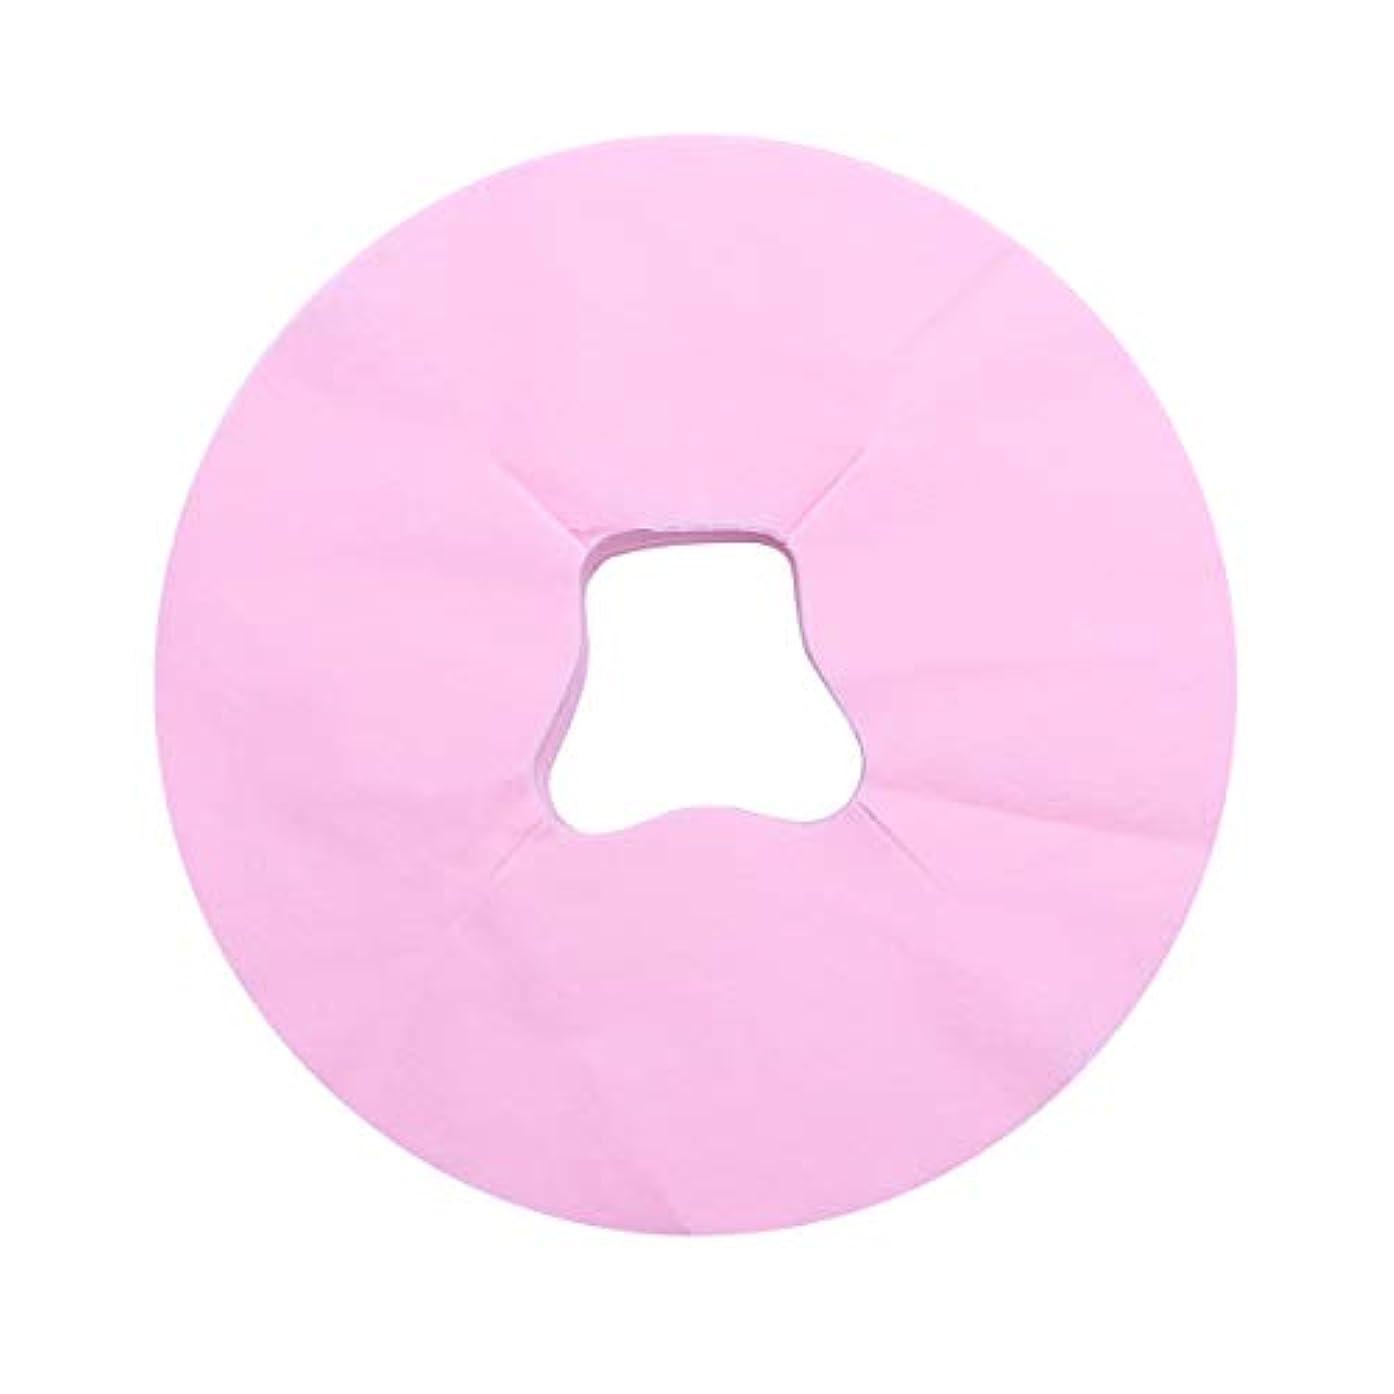 直面する不正確生き返らせるHealifty 100シートマッサージフェイスピローカバー使い捨てフェイスカバーパッドフェイスホールピローフェイシャルベッドサロンスパヘッドレストピローシート(ピンク)